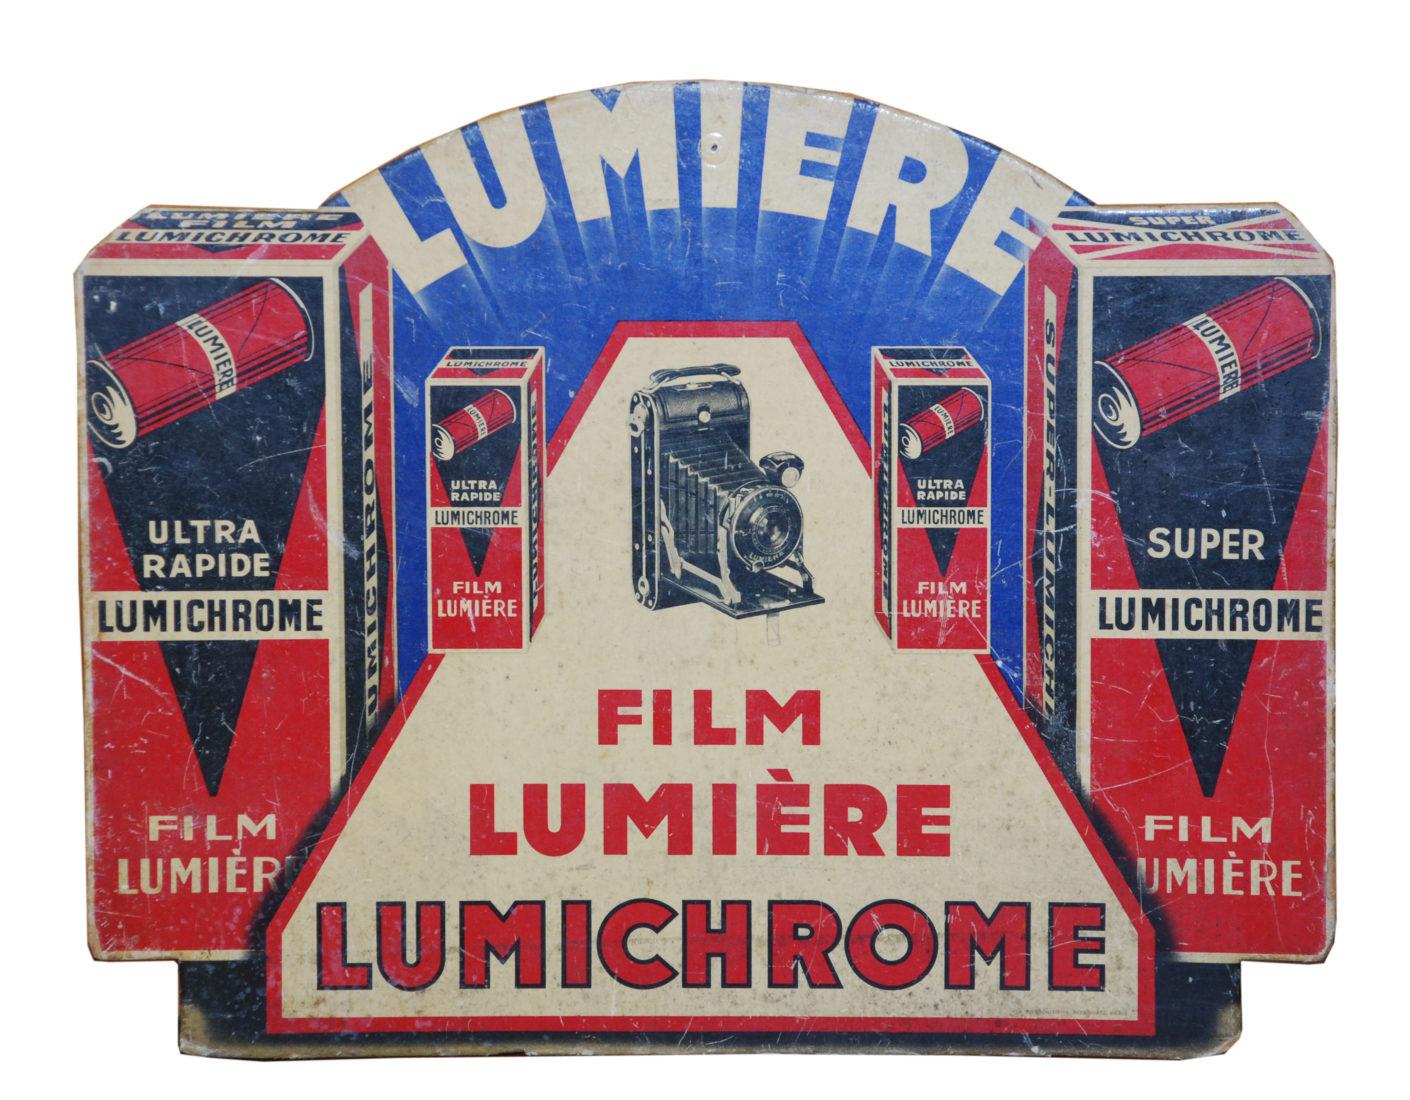 Evian exposition Lumièrepub carton Lumière_Film Lumière Lumichrome 28 x35cm